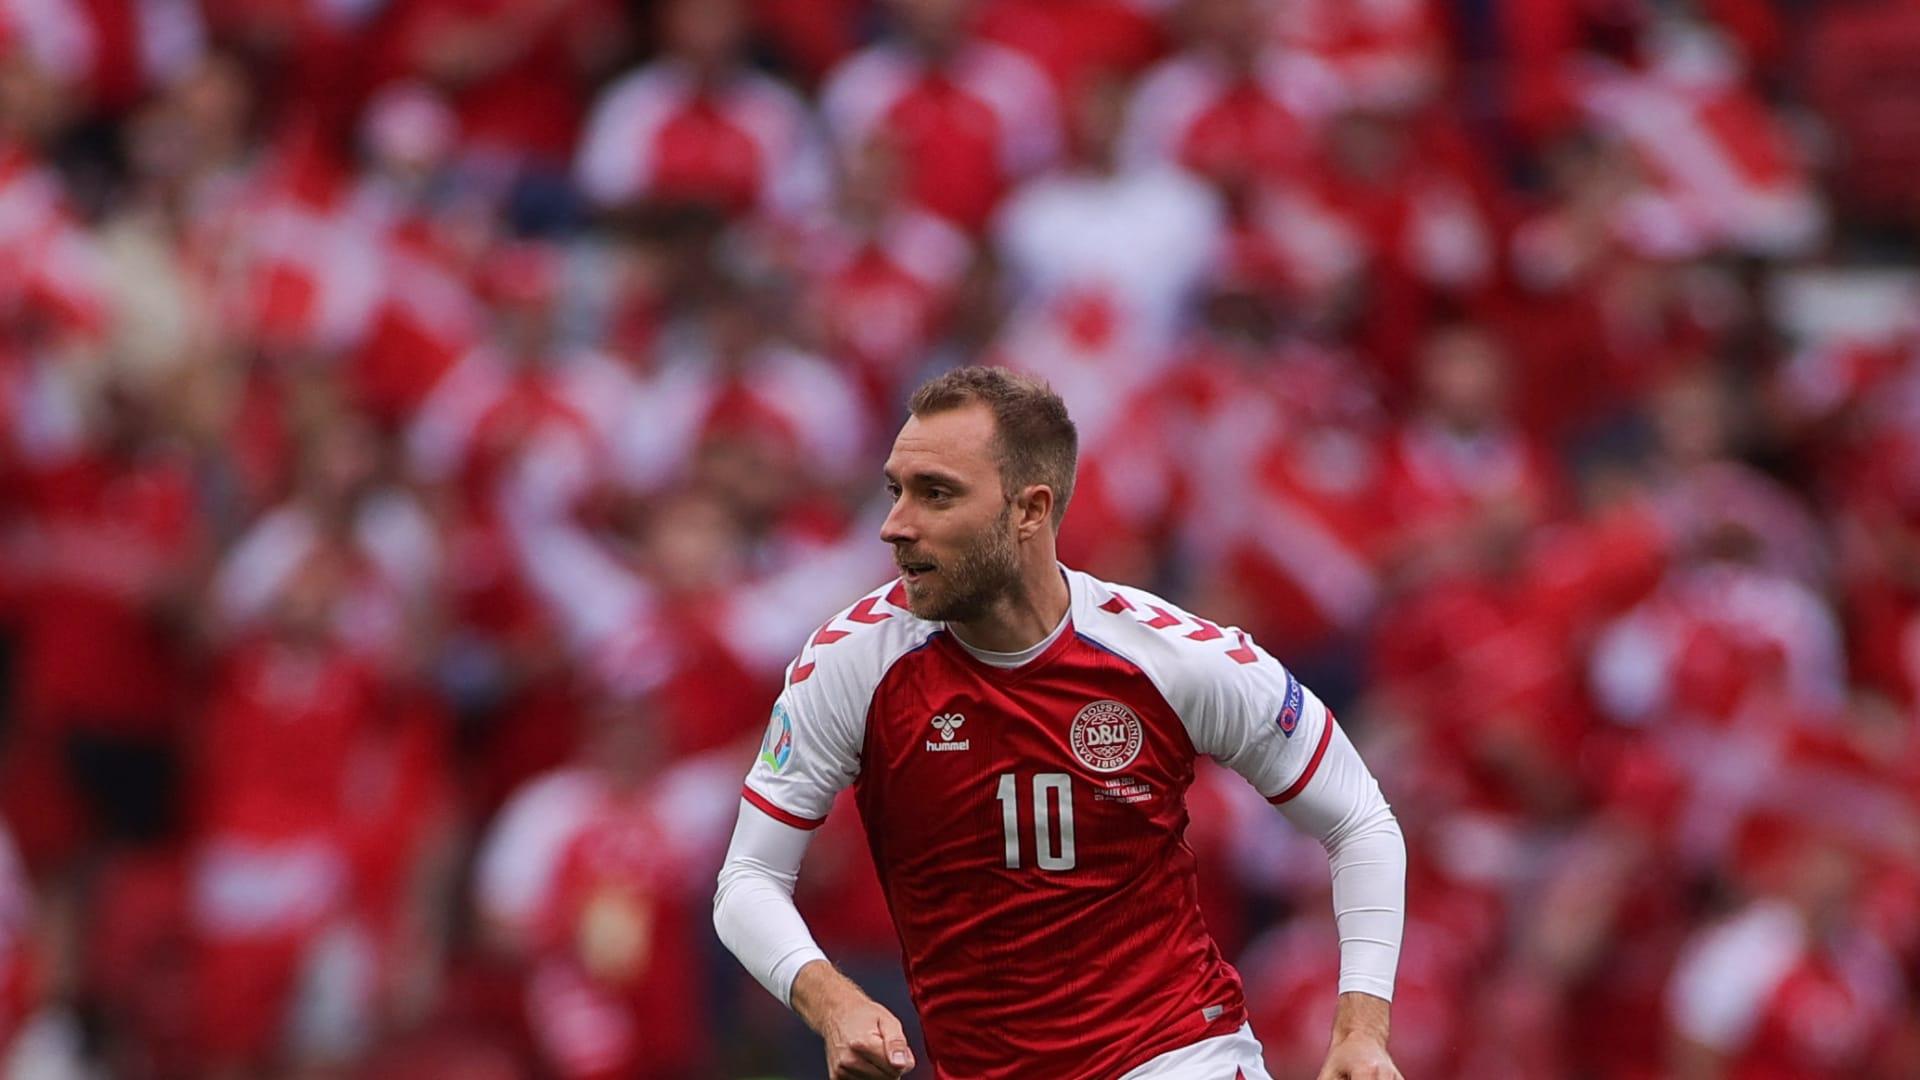 لاعب المنتخب الدنماركي كريستيان إريكسن